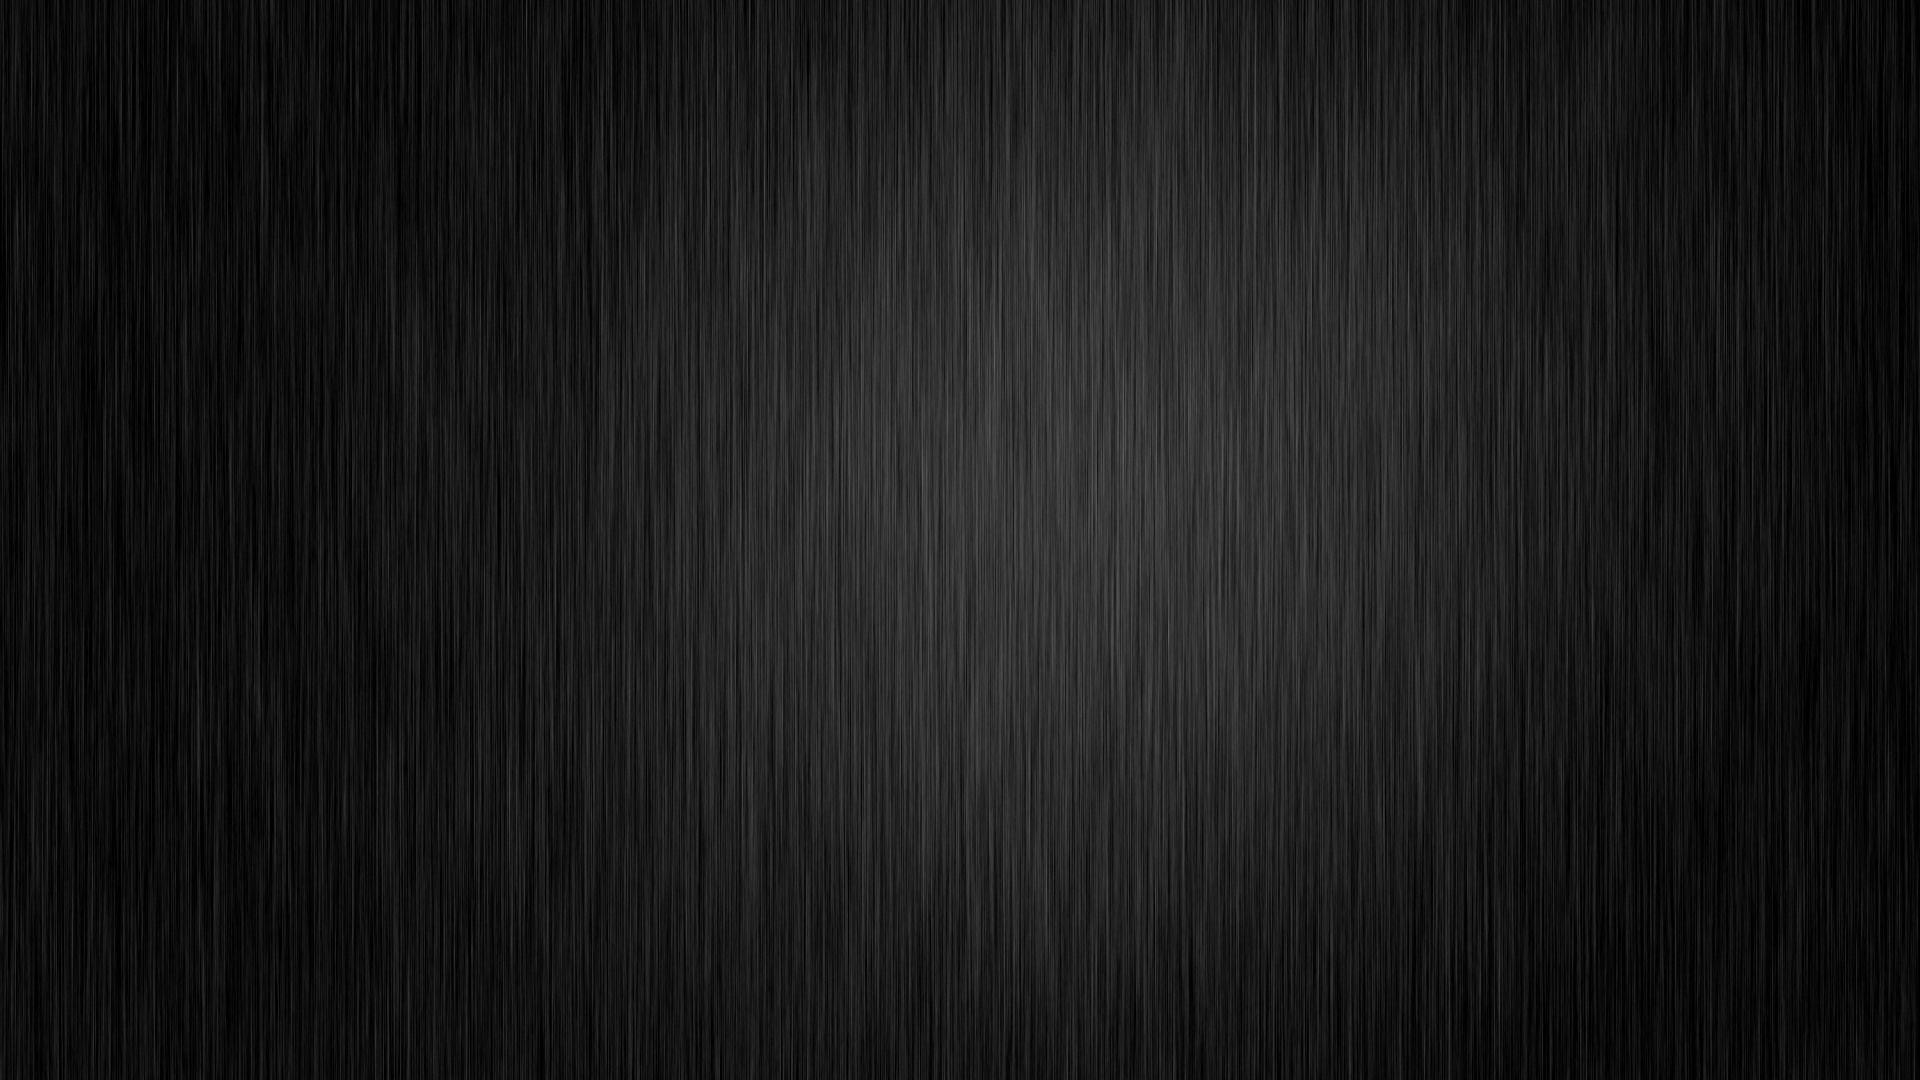 Download 910+ Background Black Sad Gratis